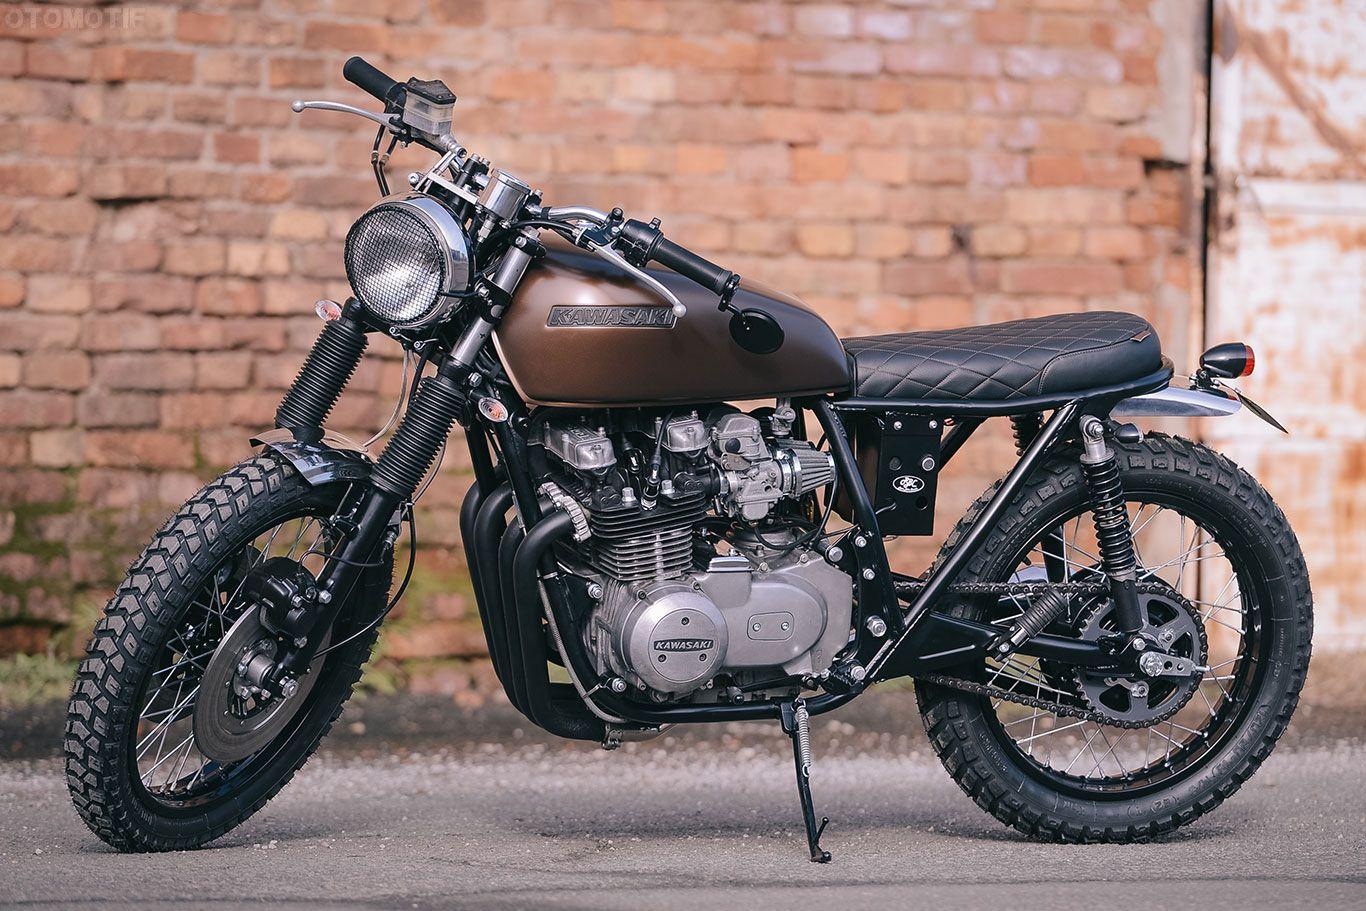 1977 Kawasaki Z650 B1 RBC Heritage Project 1